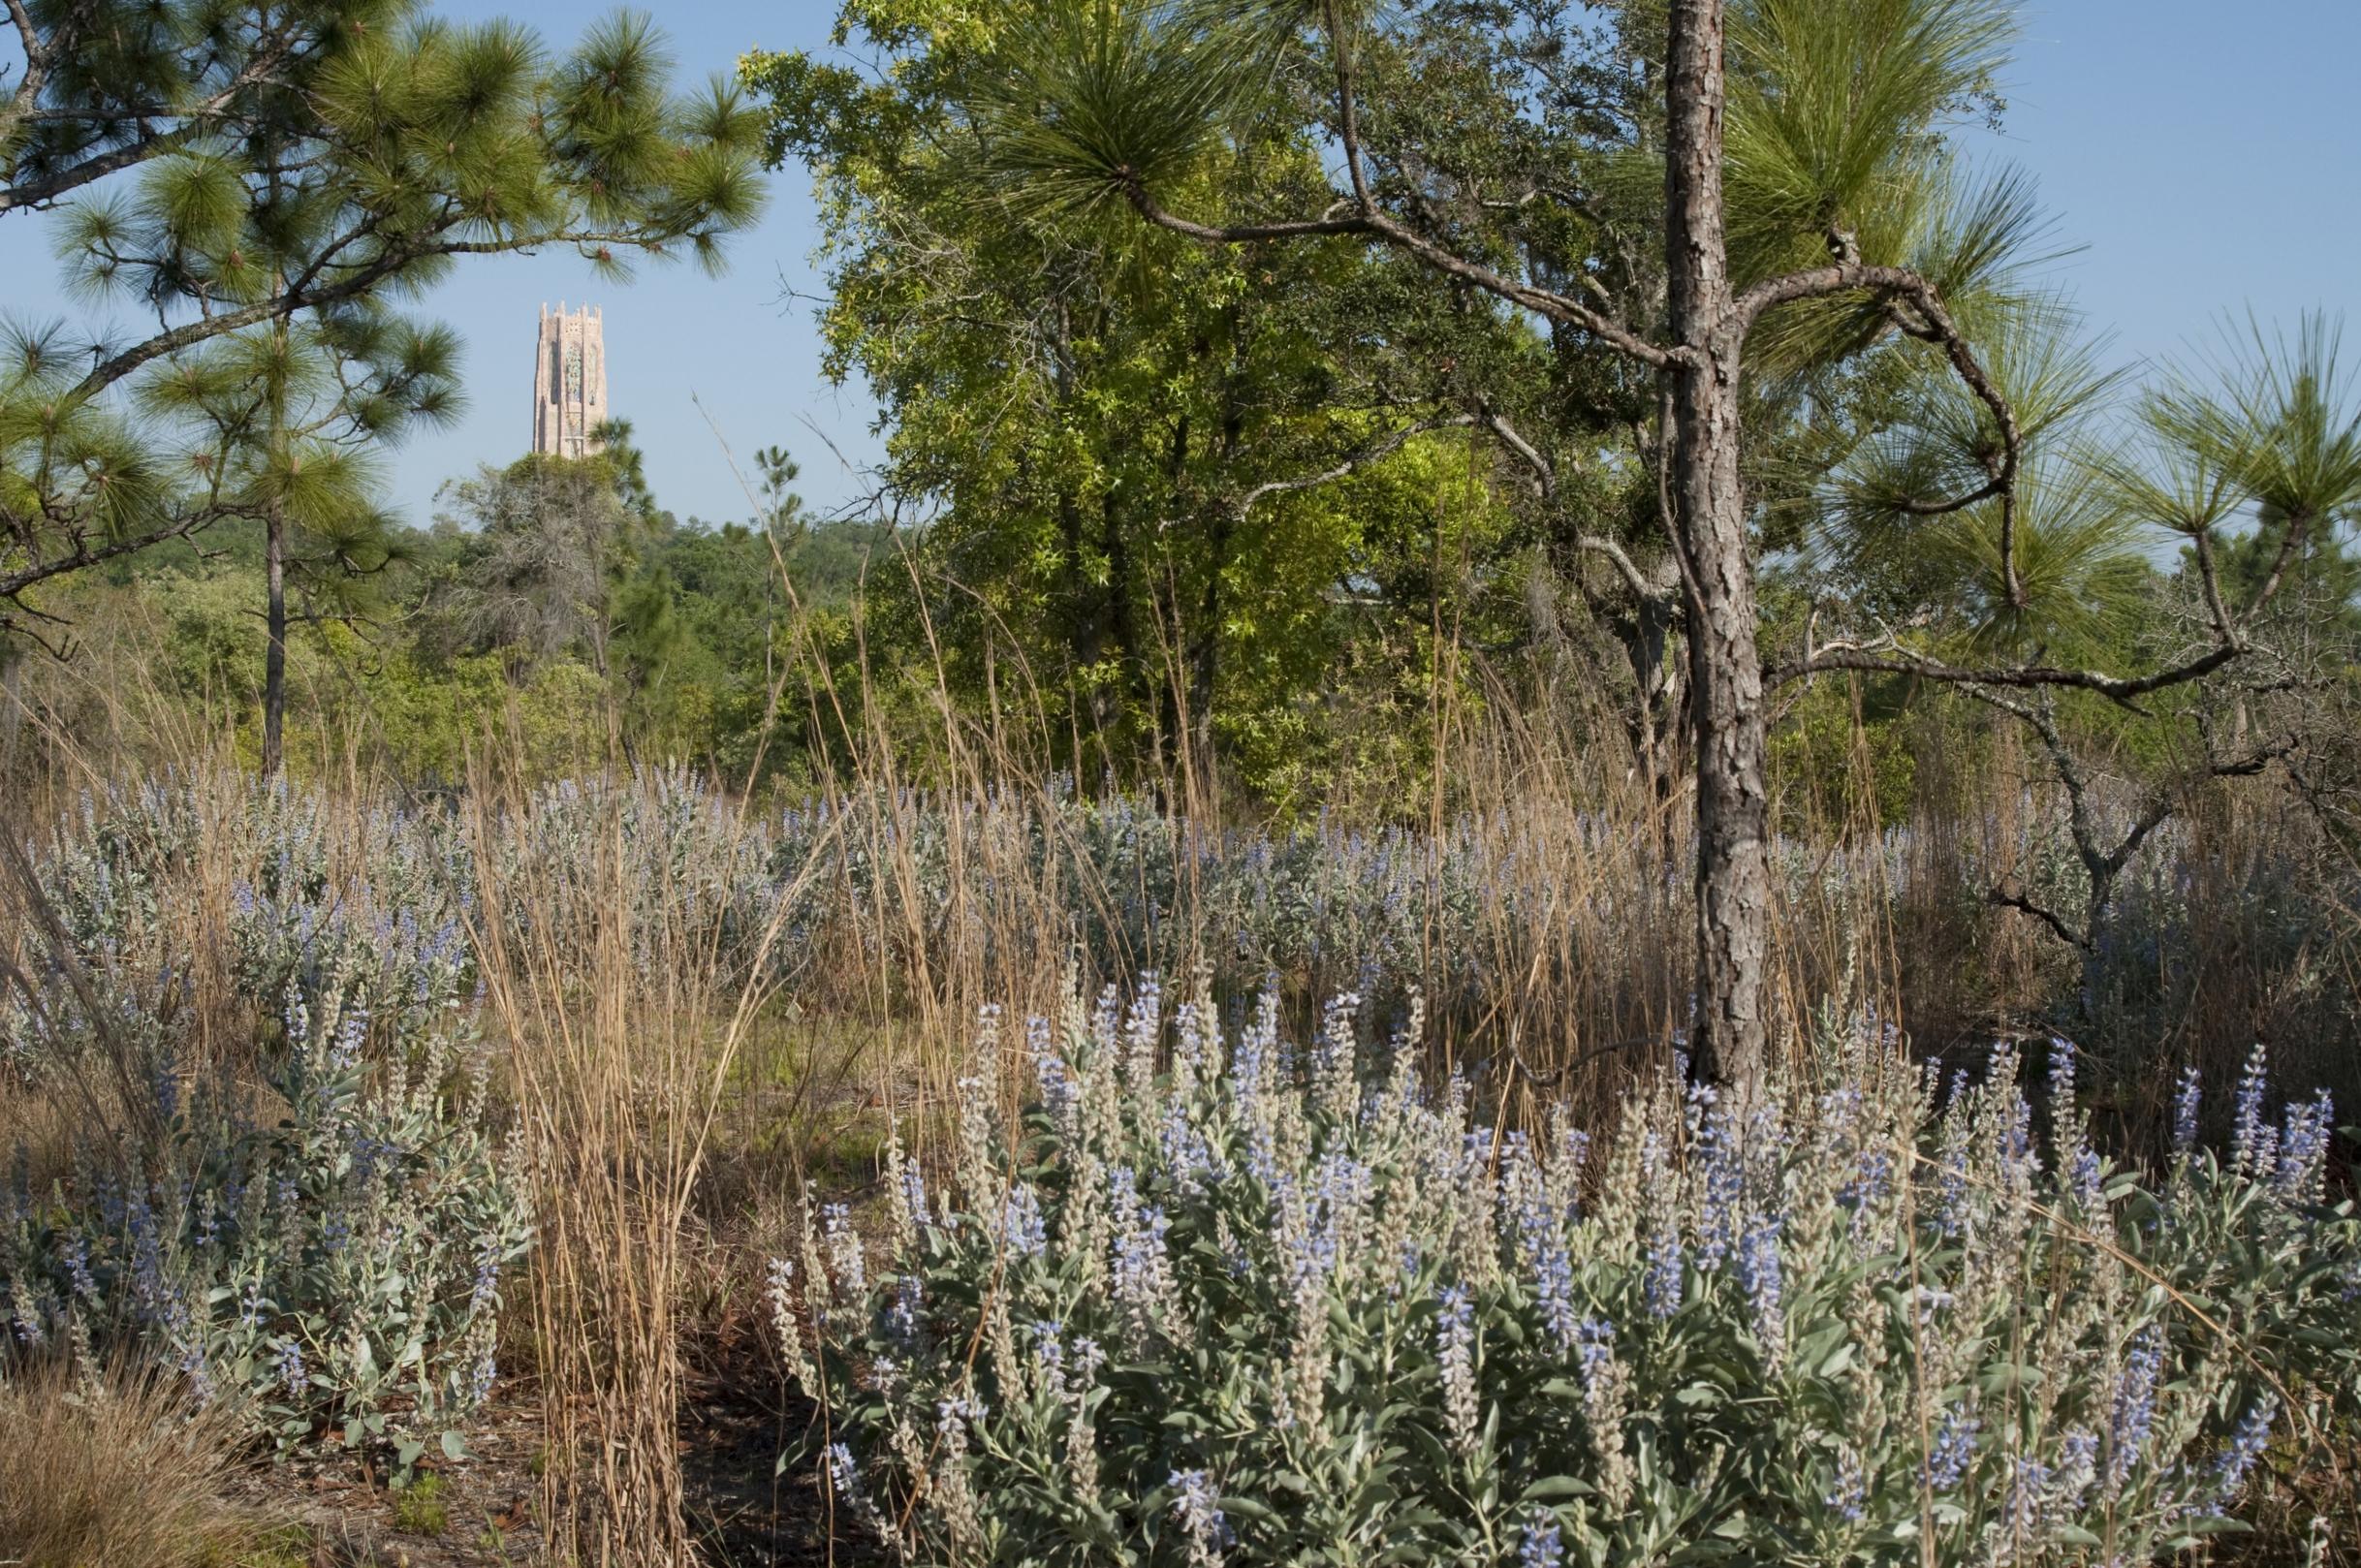 BOK Tower Gardens Master Plan